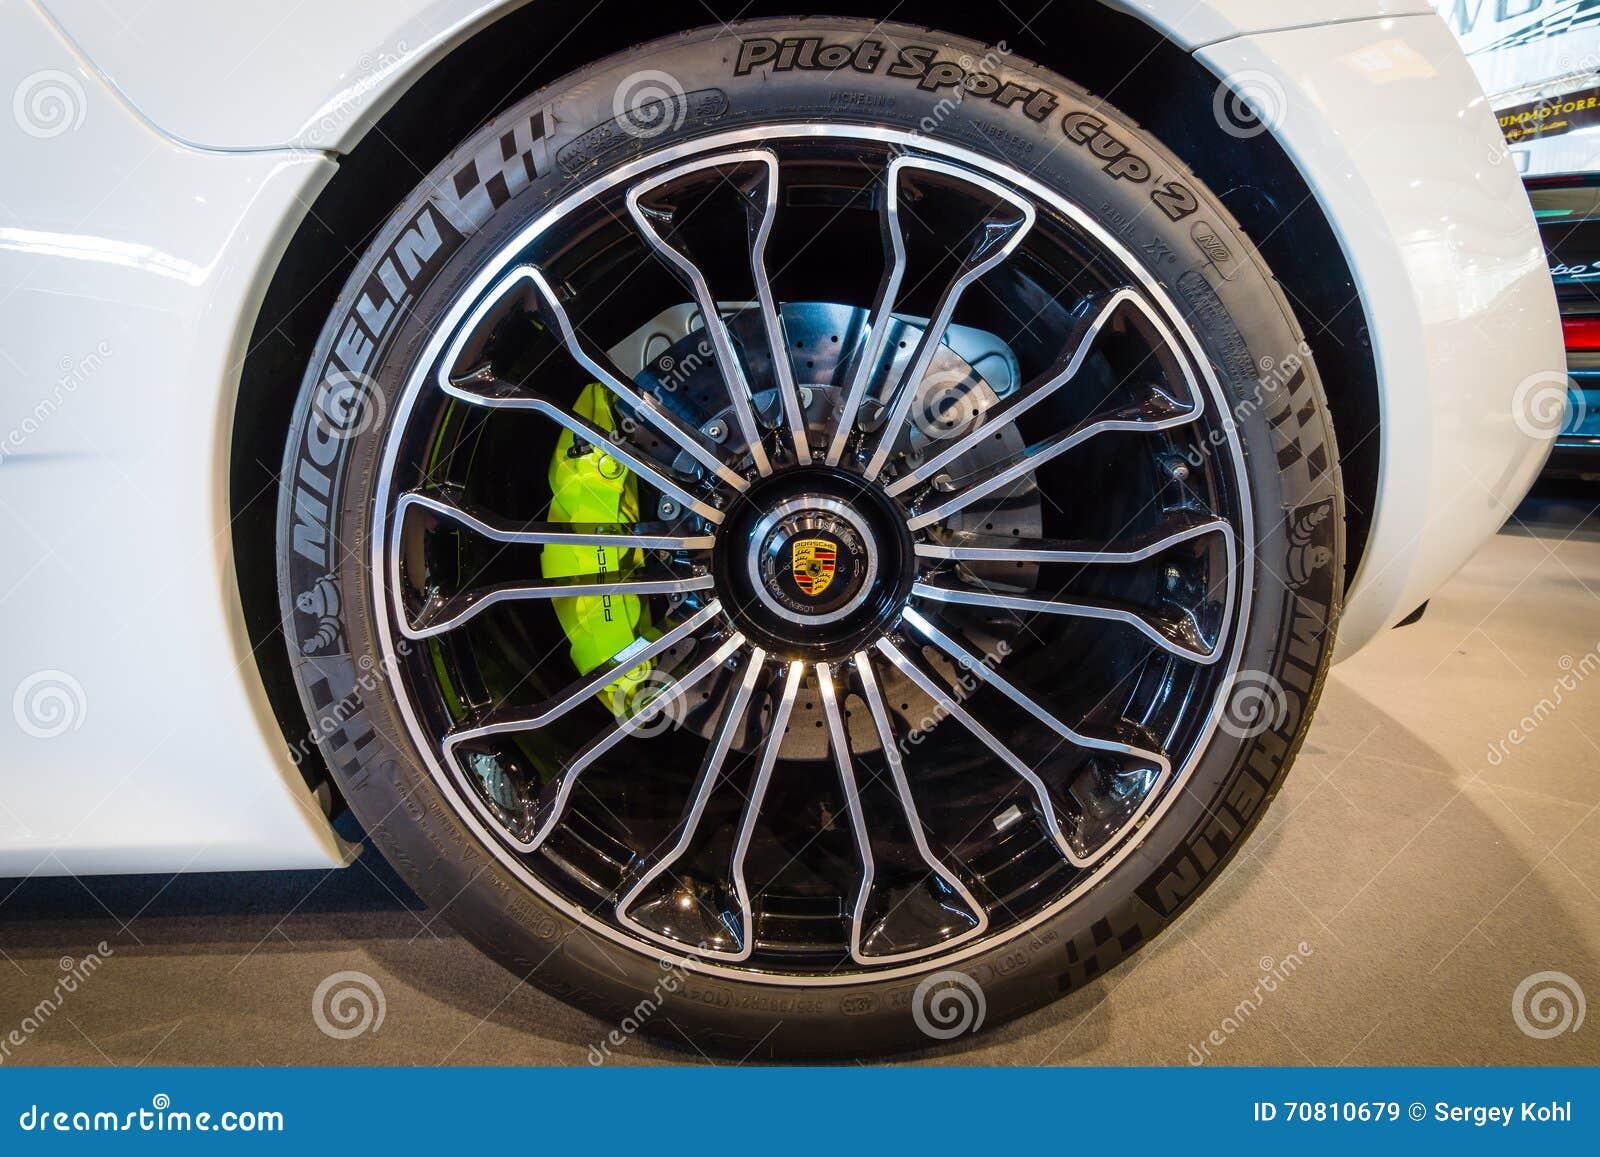 Колесо и тормозная система средний-engined вставляемого гибридного автомобиля спорт Порше 918 Spyder, 2015